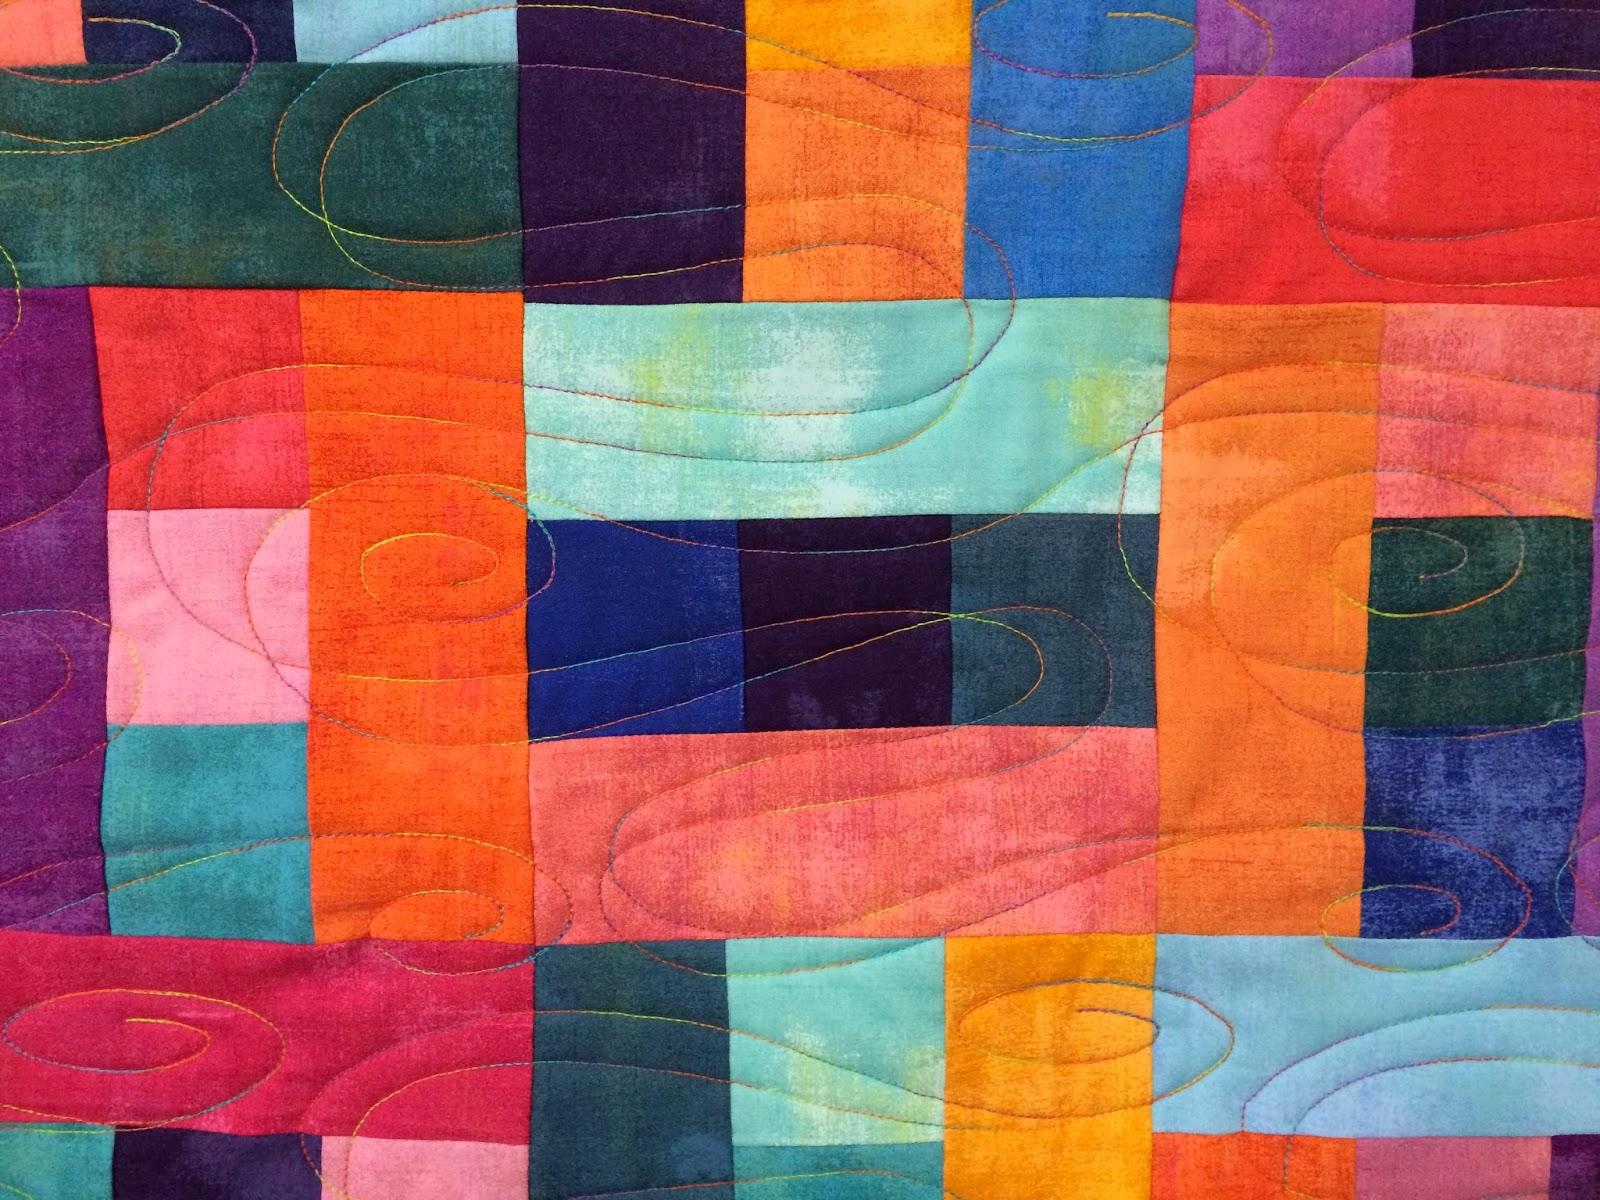 Carolyn Seward's Multi-Grunge Solids Quilt